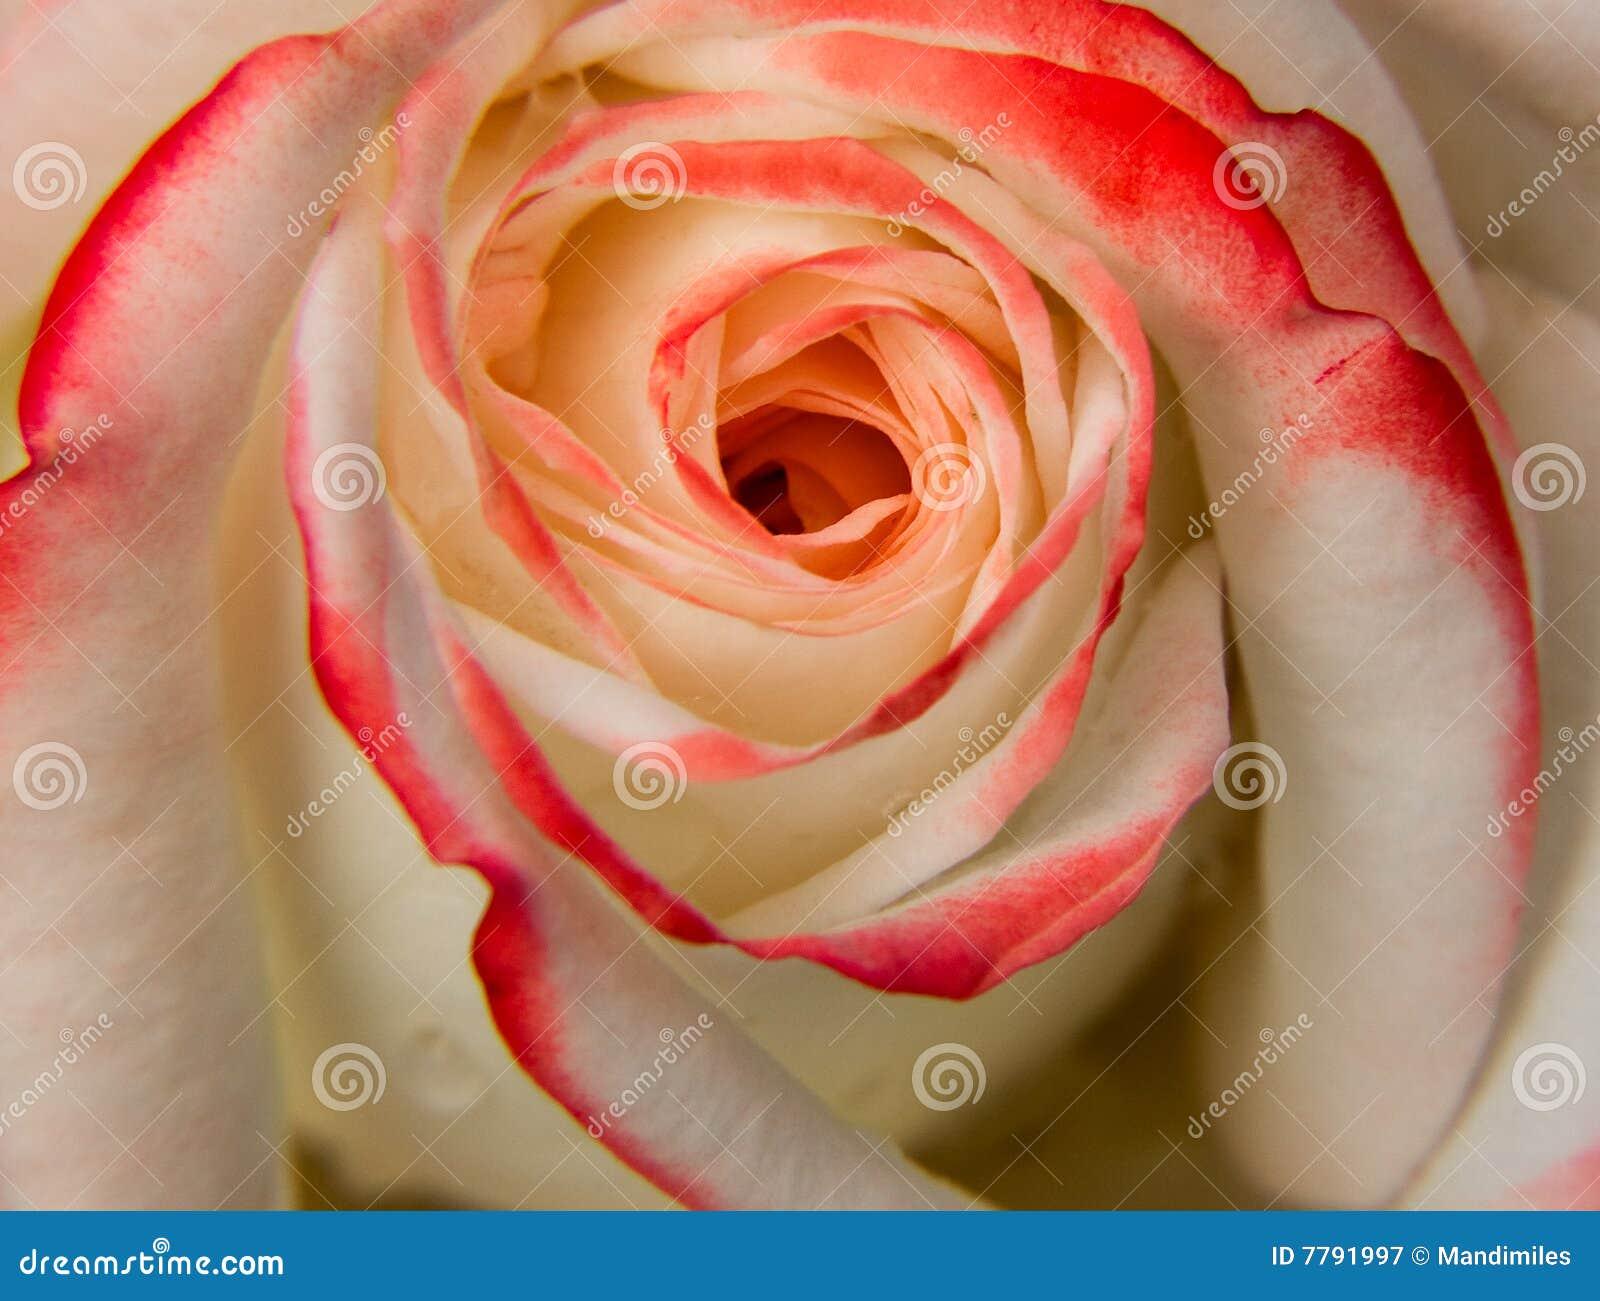 Rose Et Blanche : Rose rouge et blanche photographie stock libre de droits